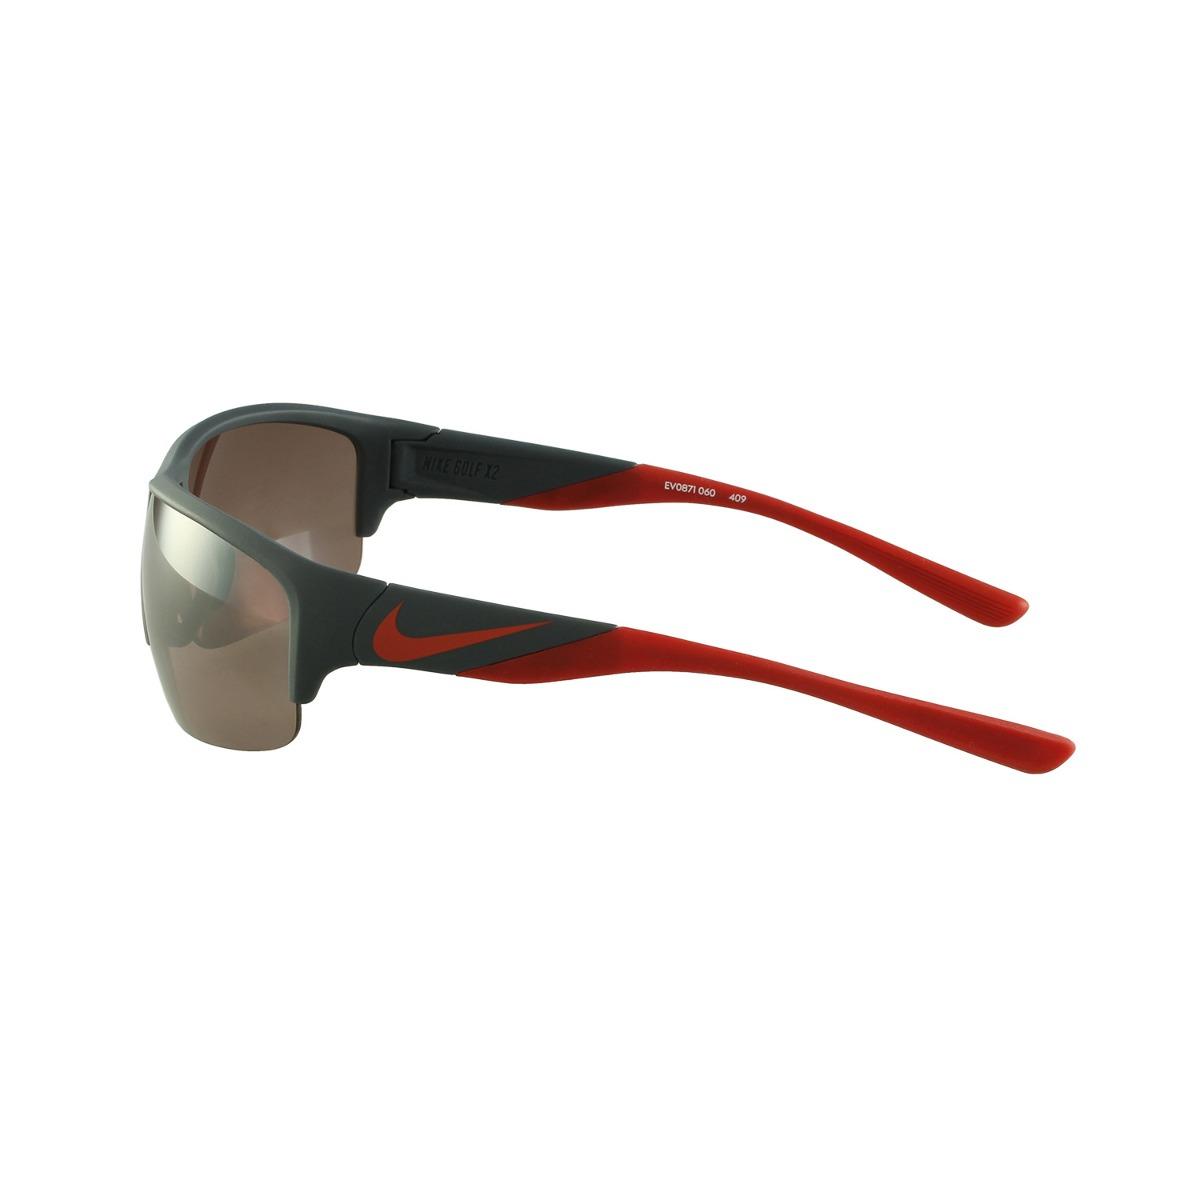 Óculos De Sol Nike Esportivo Cinza 269287411060 - R  675,00 em ... 2c70488745